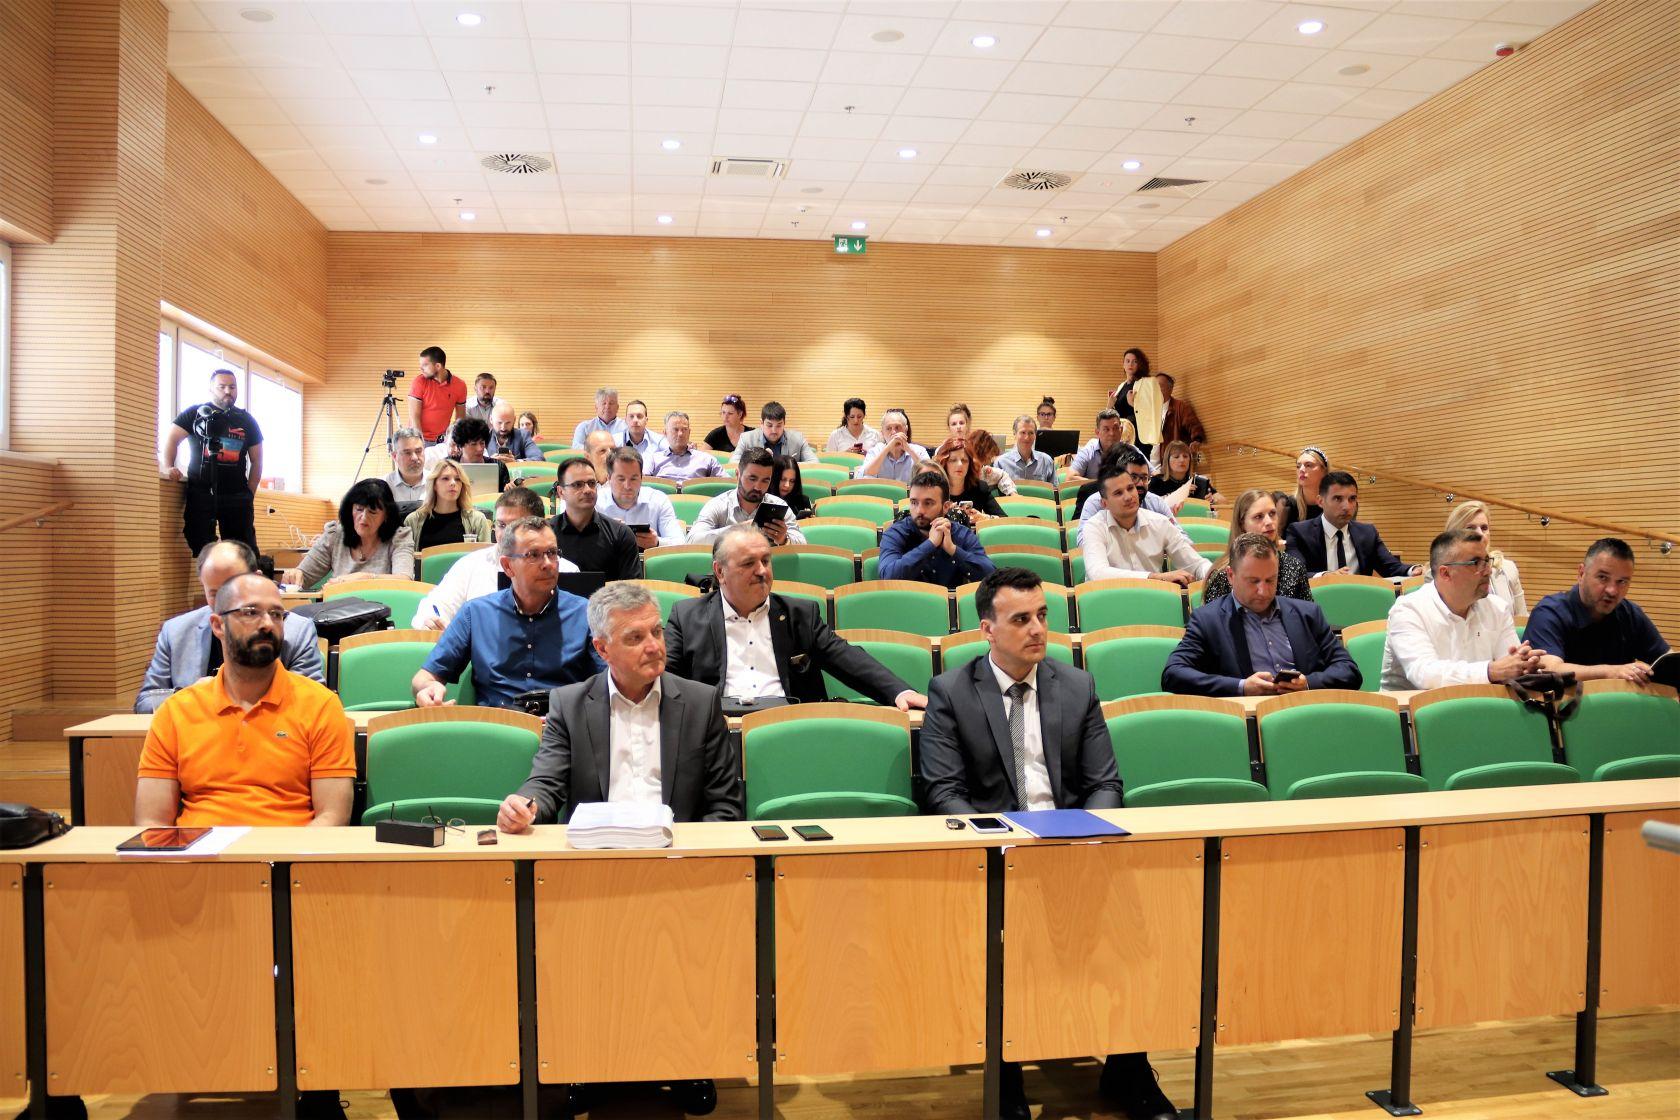 Održana 20. sjednica Gradskog vijeća Grada Šibenika